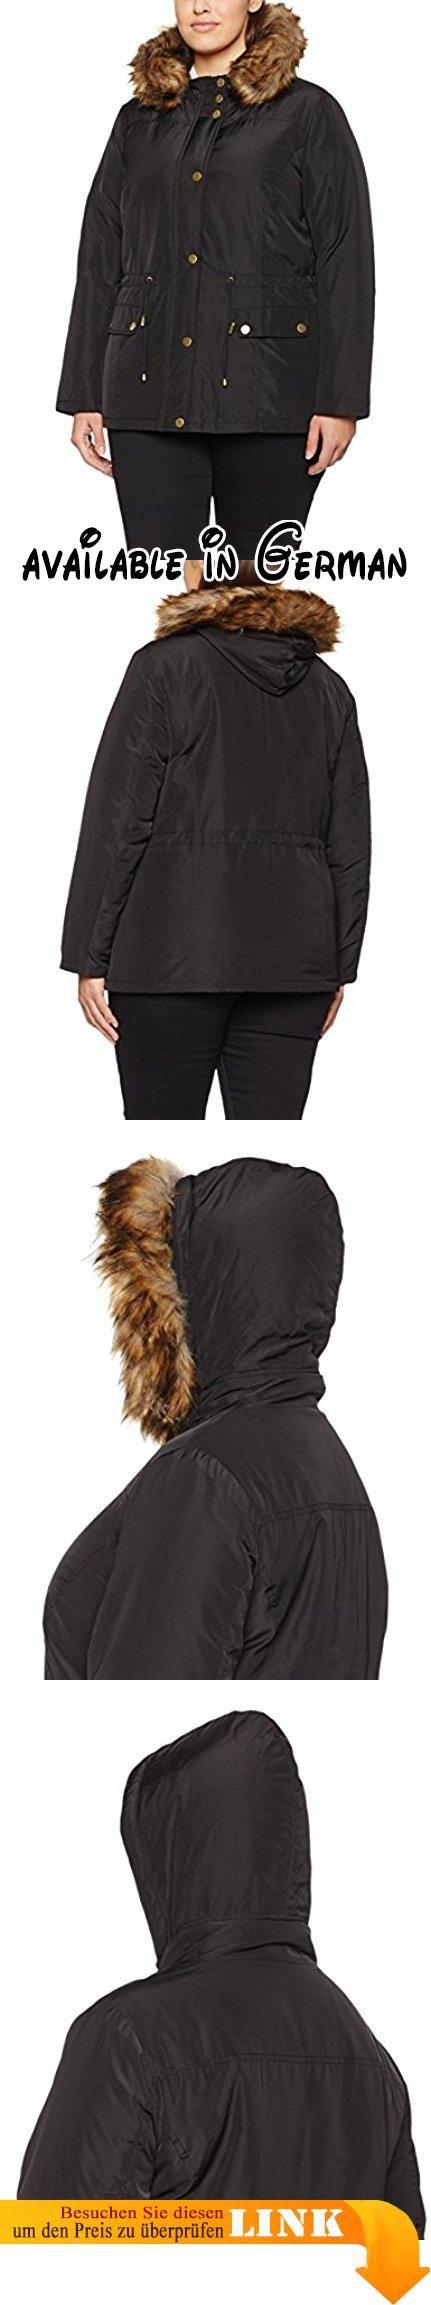 Studio Untold Damen Parka Mantel - Jacke 707042, Gr. 42, Schwarz (schwarz 10). <p>Modische Jacke mit vielen feinen Details - Abnehmbarer Webpelz an der Kapuze, verdeckter Reißverschluss & 2 Taschen. </p><p>Eine tolle Übergangsjacke durch die leichte Fütterung und den abnehmbaren Pelz -im Herbst, Winter oder Frühling immer bestens ausgestattet. </p><p>Der Parka hat einen Reißverschluss & Knopfleiste aus Druckknöpfen. <p>Der gerade Schnitt bietet einen besonderen Komfort